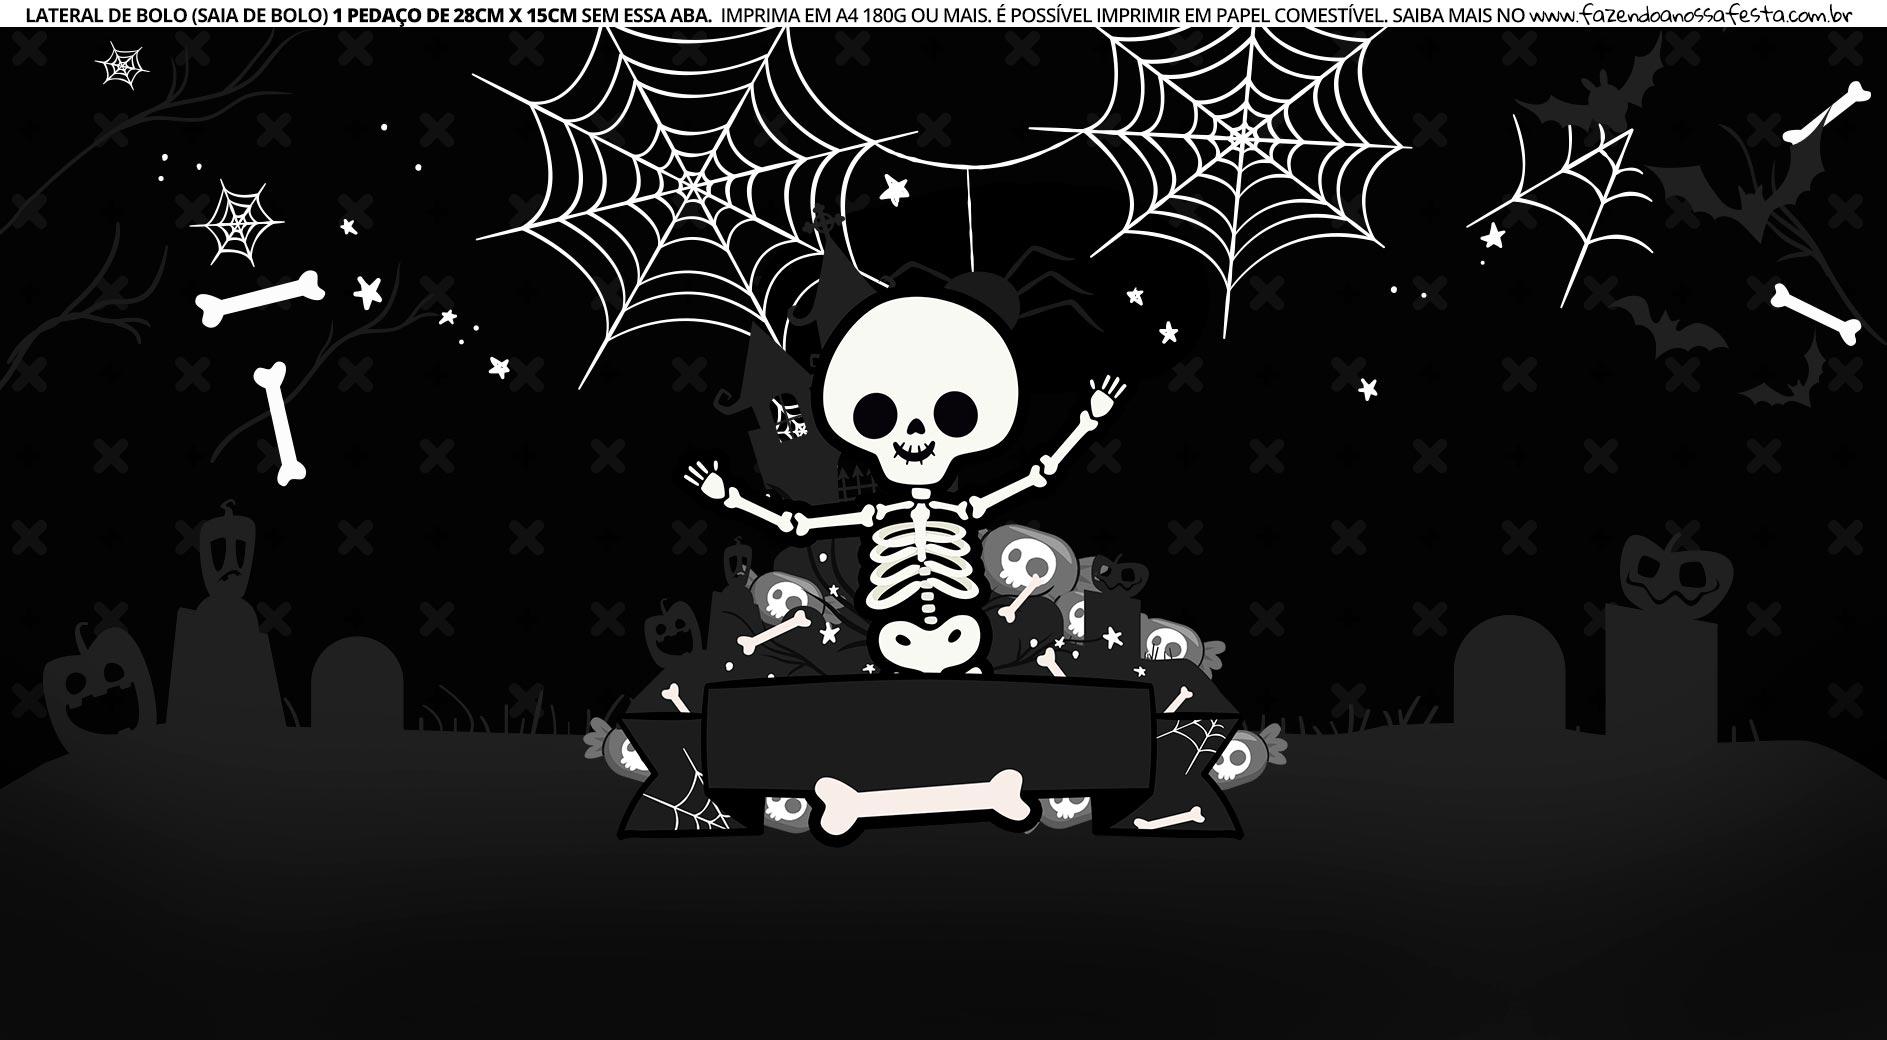 Faixa Lateral de Bolo Tema Halloween Esqueleto